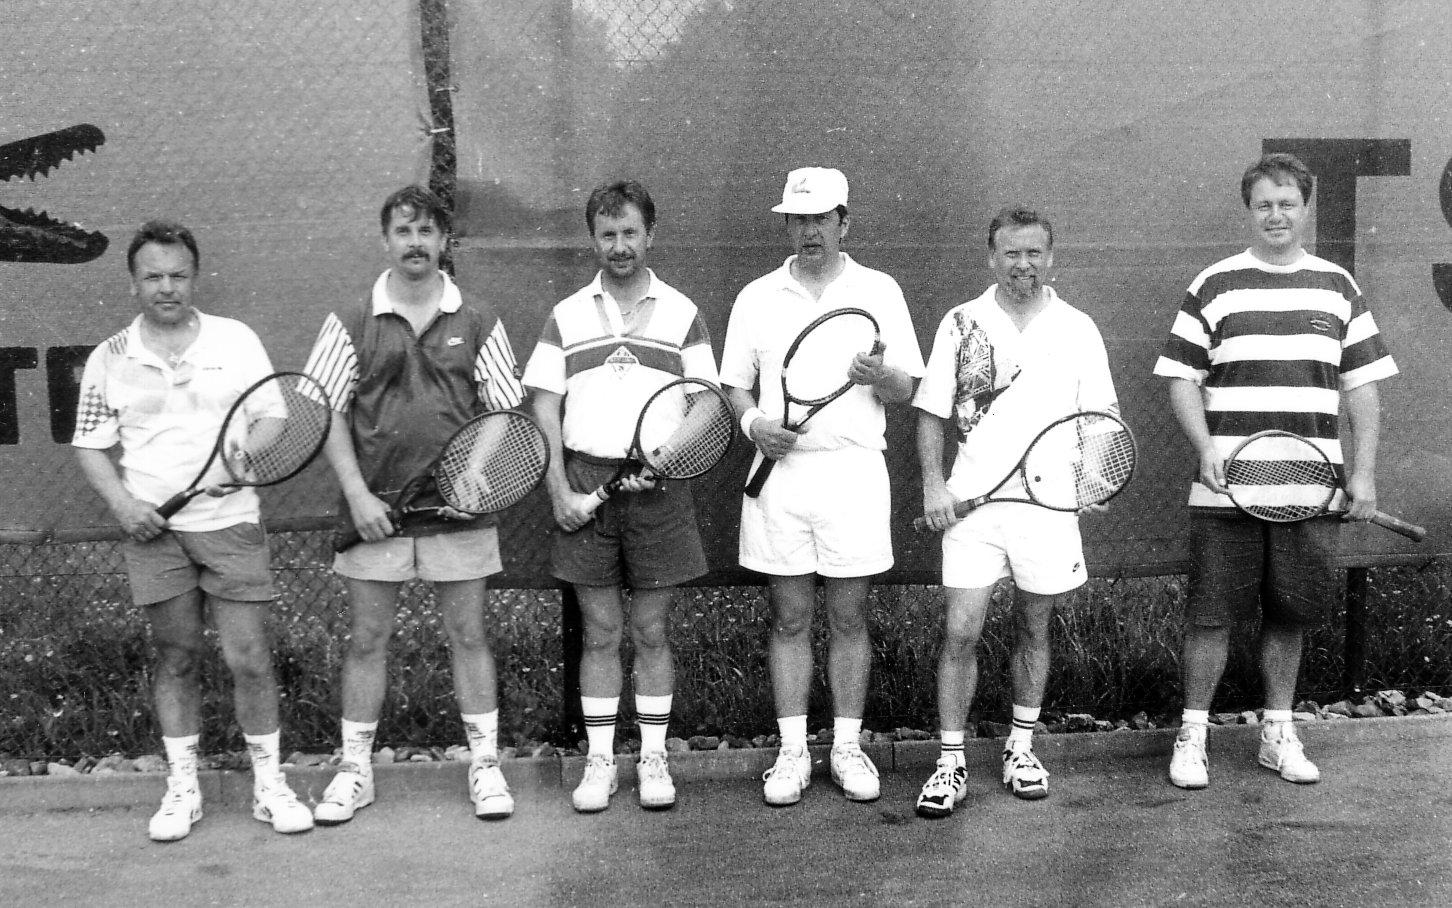 Tennis Sparte wurde aufgelöst